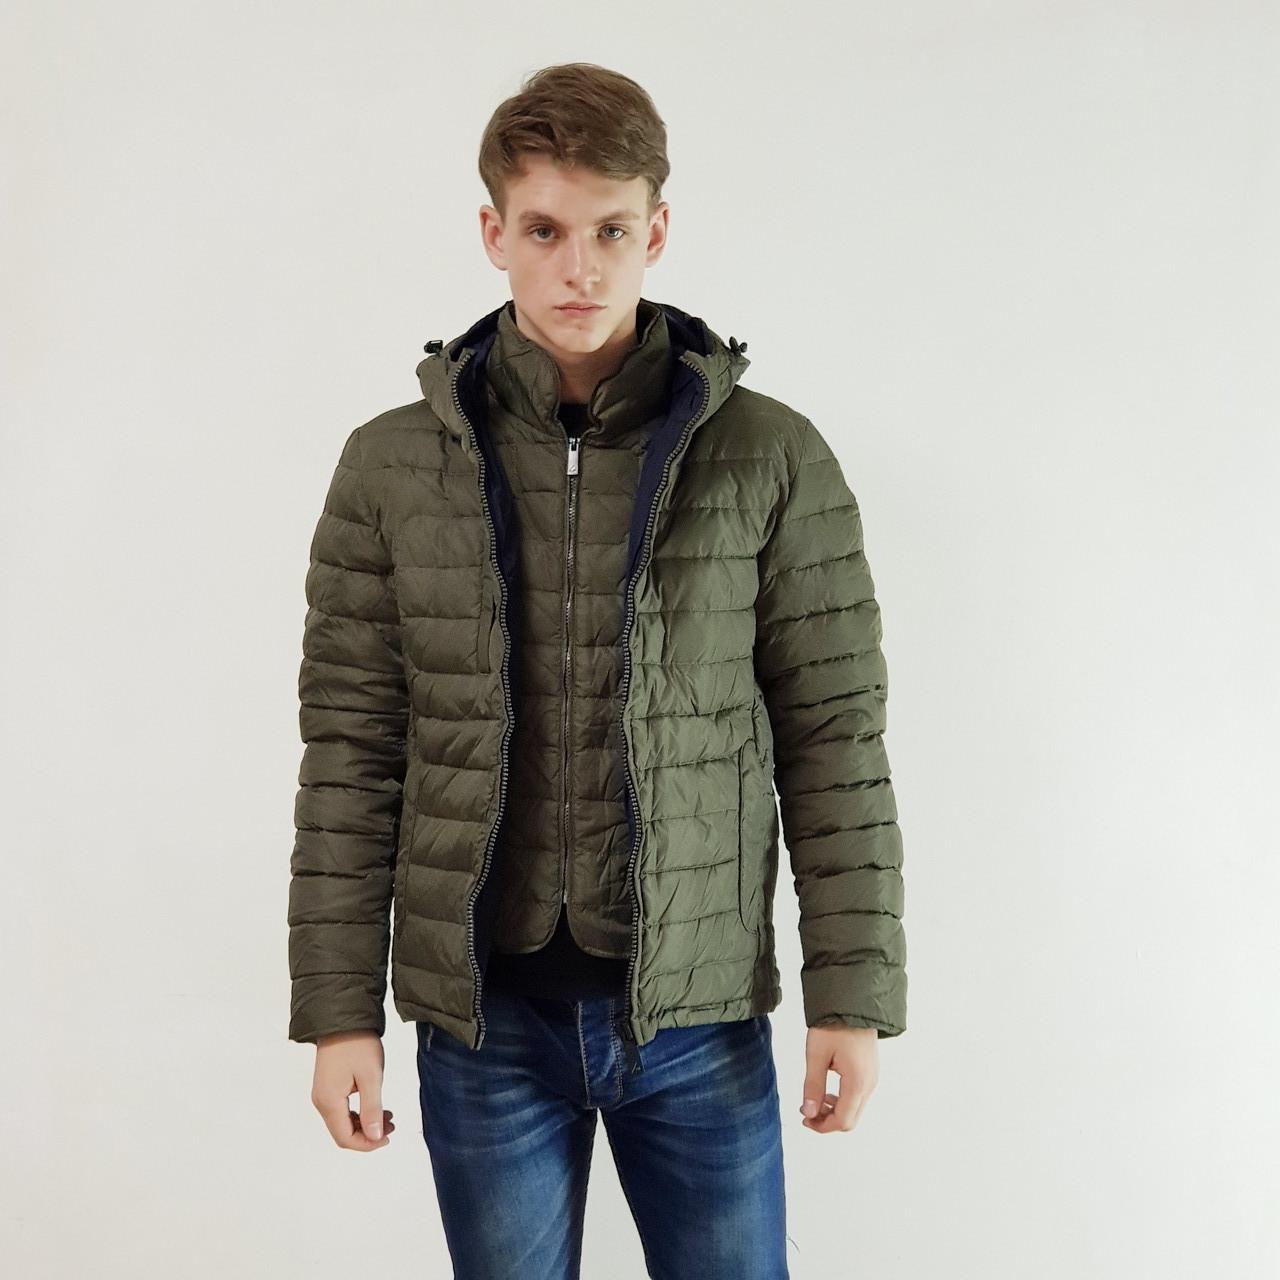 Куртка мужская зимняя Snowimage с капюшоном 46 оливковый 119-4413